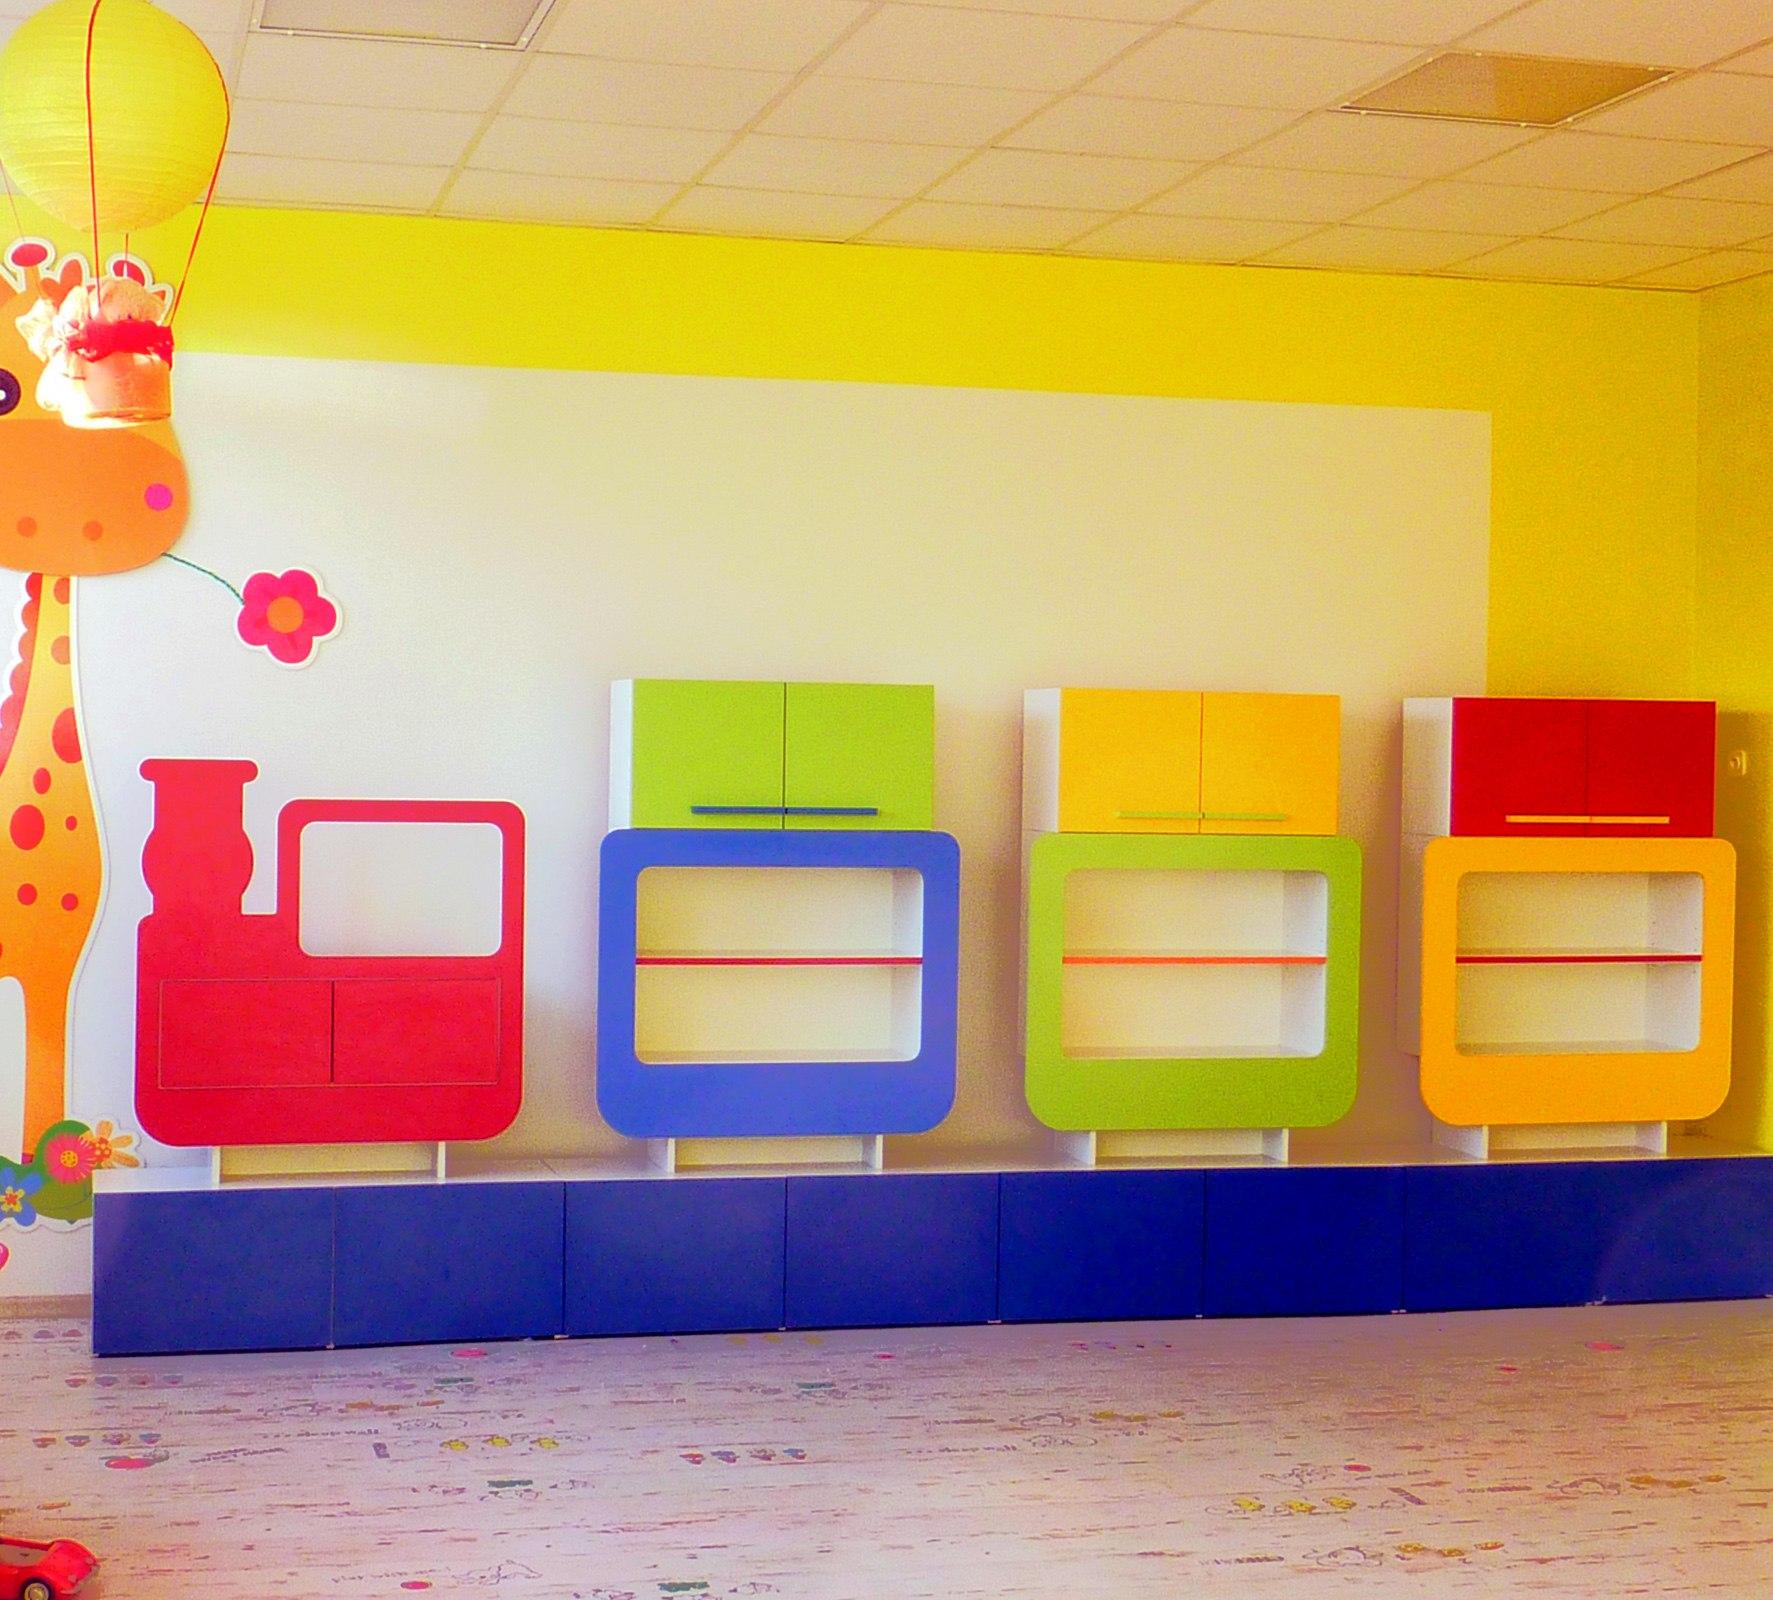 Zabudowa dziecięca w przedszkolu